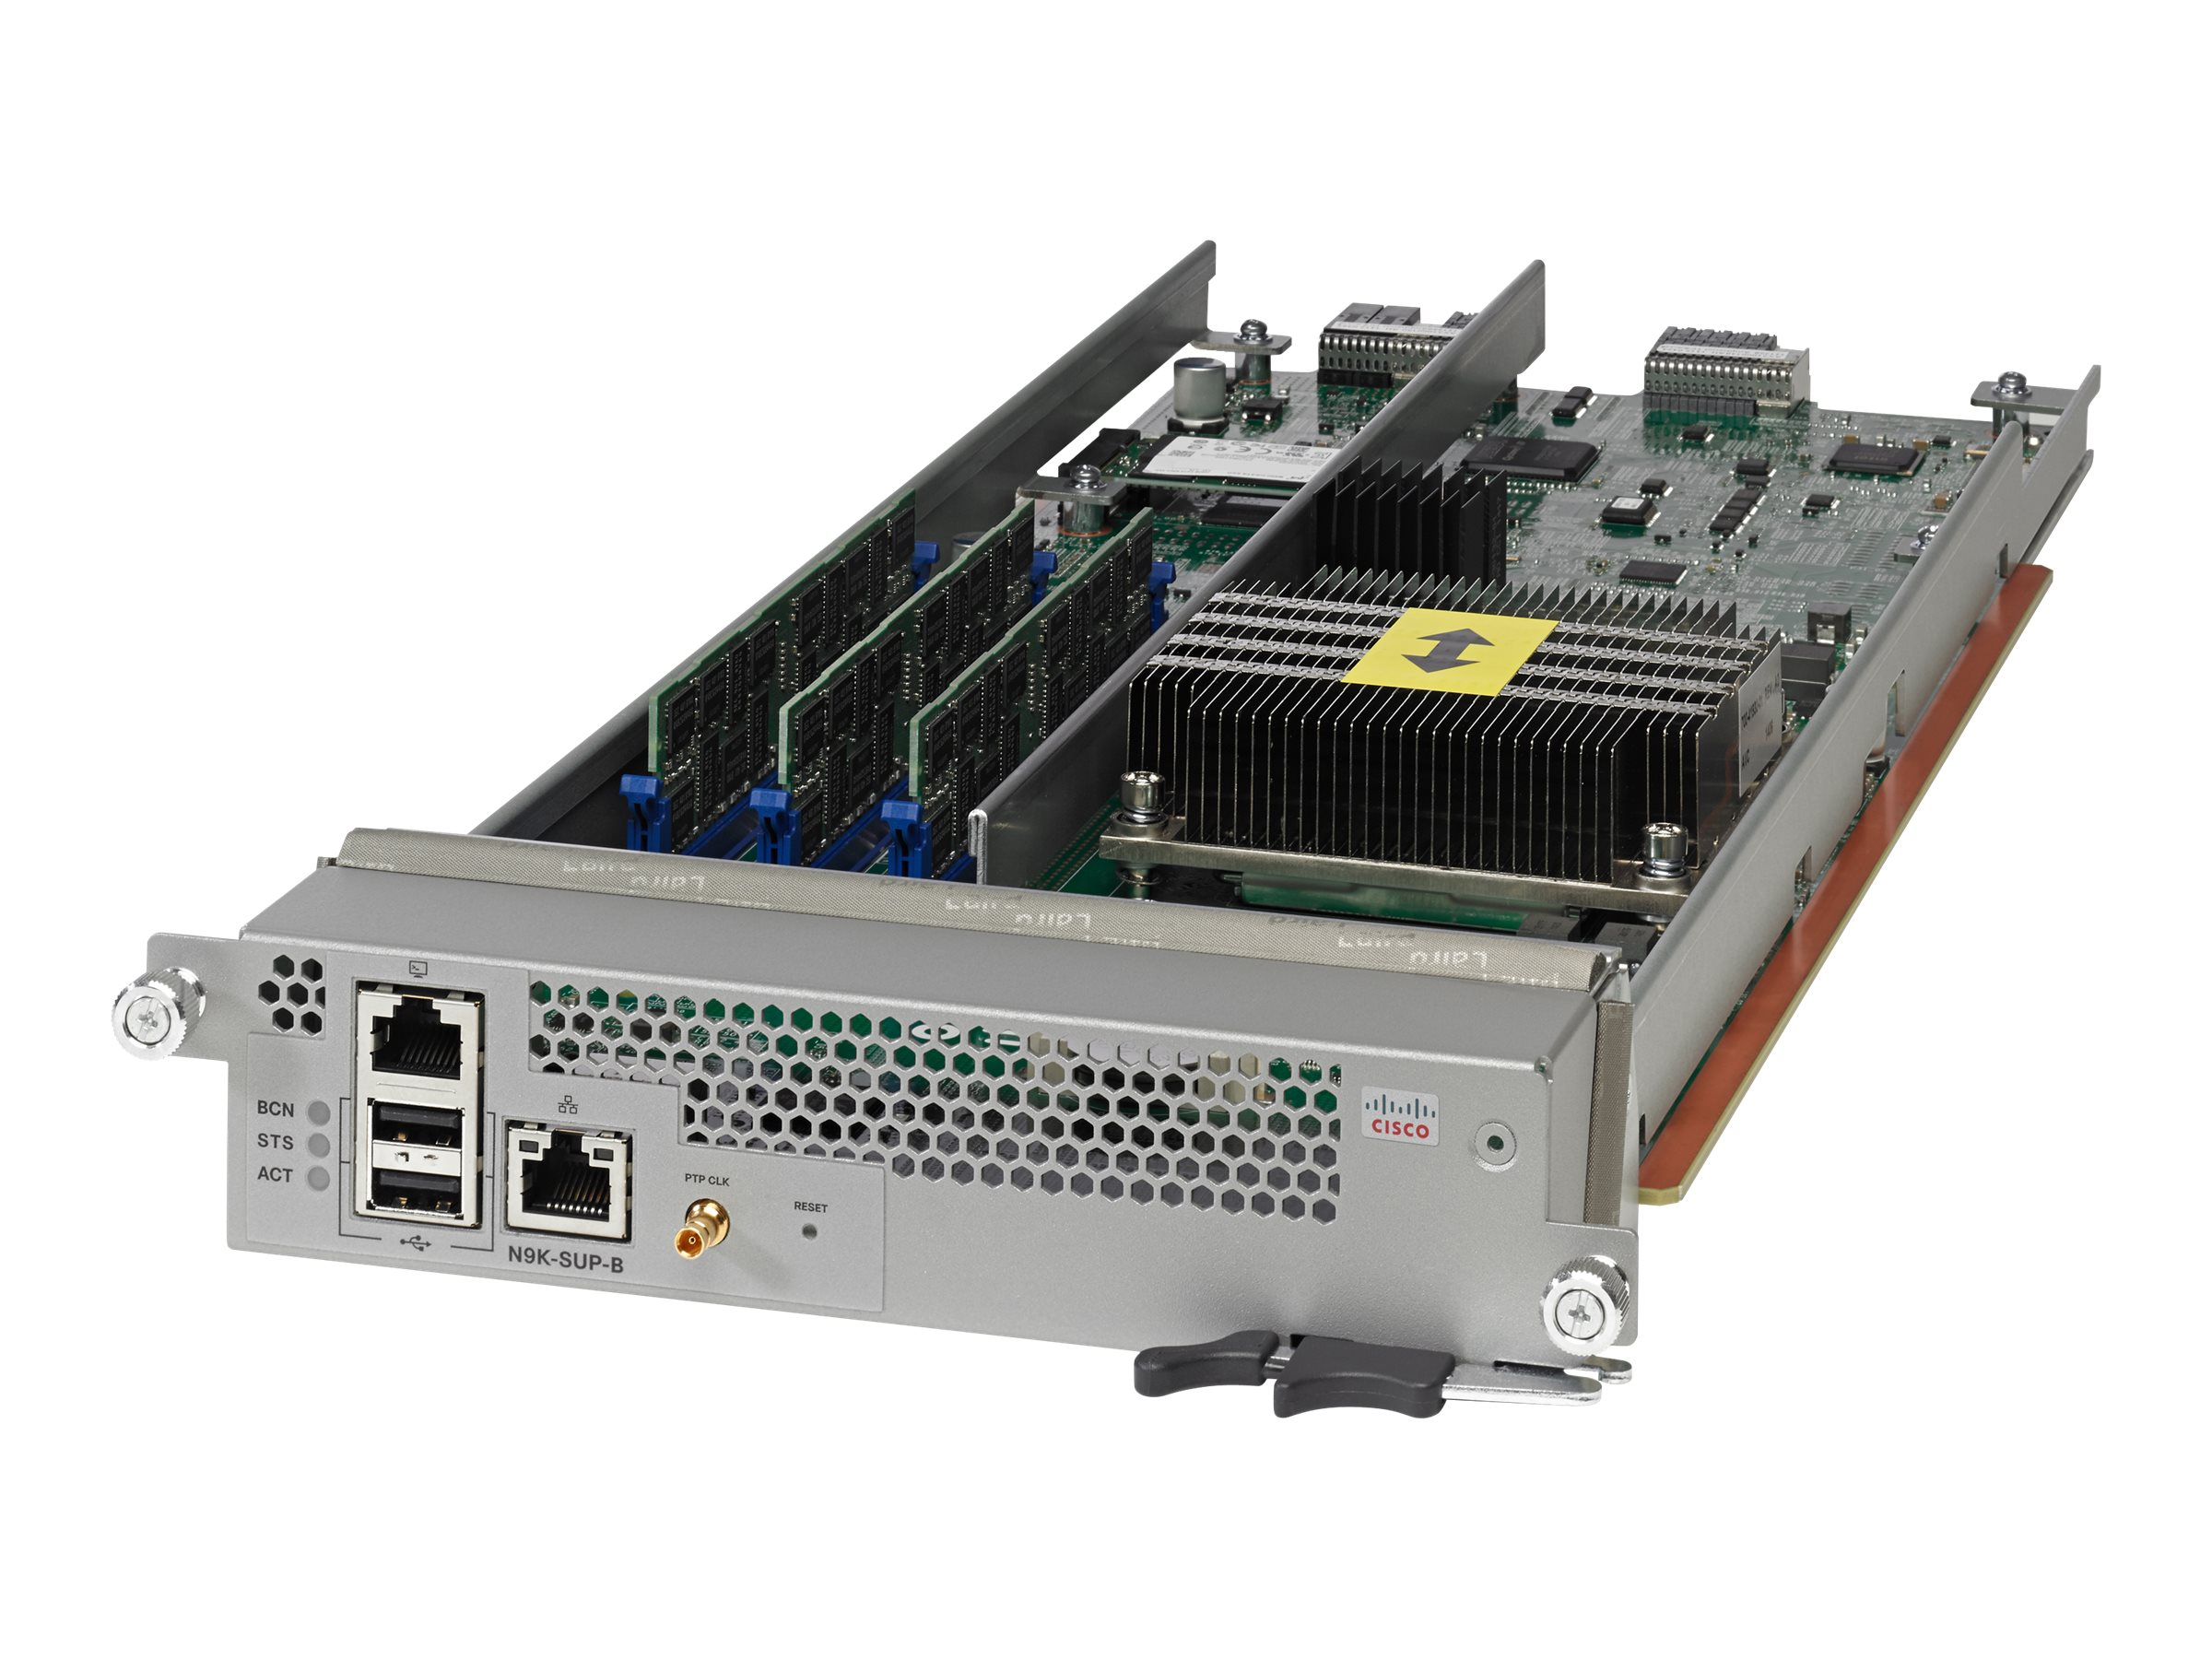 Cisco Nexus 9500 Supervisor B - Steuerungsprozessor - Plug-in-Modul - für Nexus 9504, 9504 Chassis Bundle, 9508, 9508 Chassis Bu